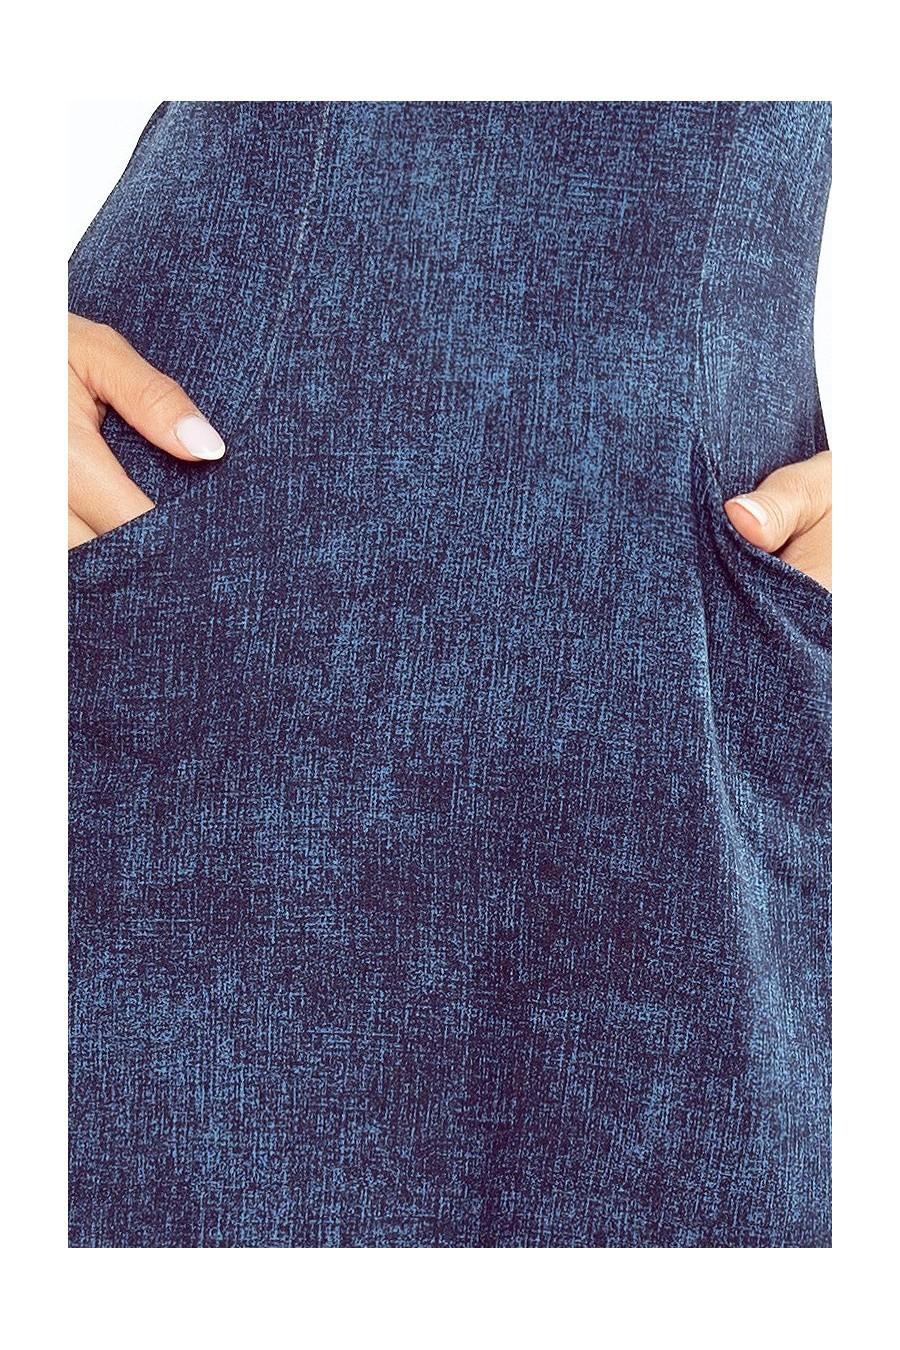 155-2 Šaty ve tvaru lichoběžníku - tmavé jeans